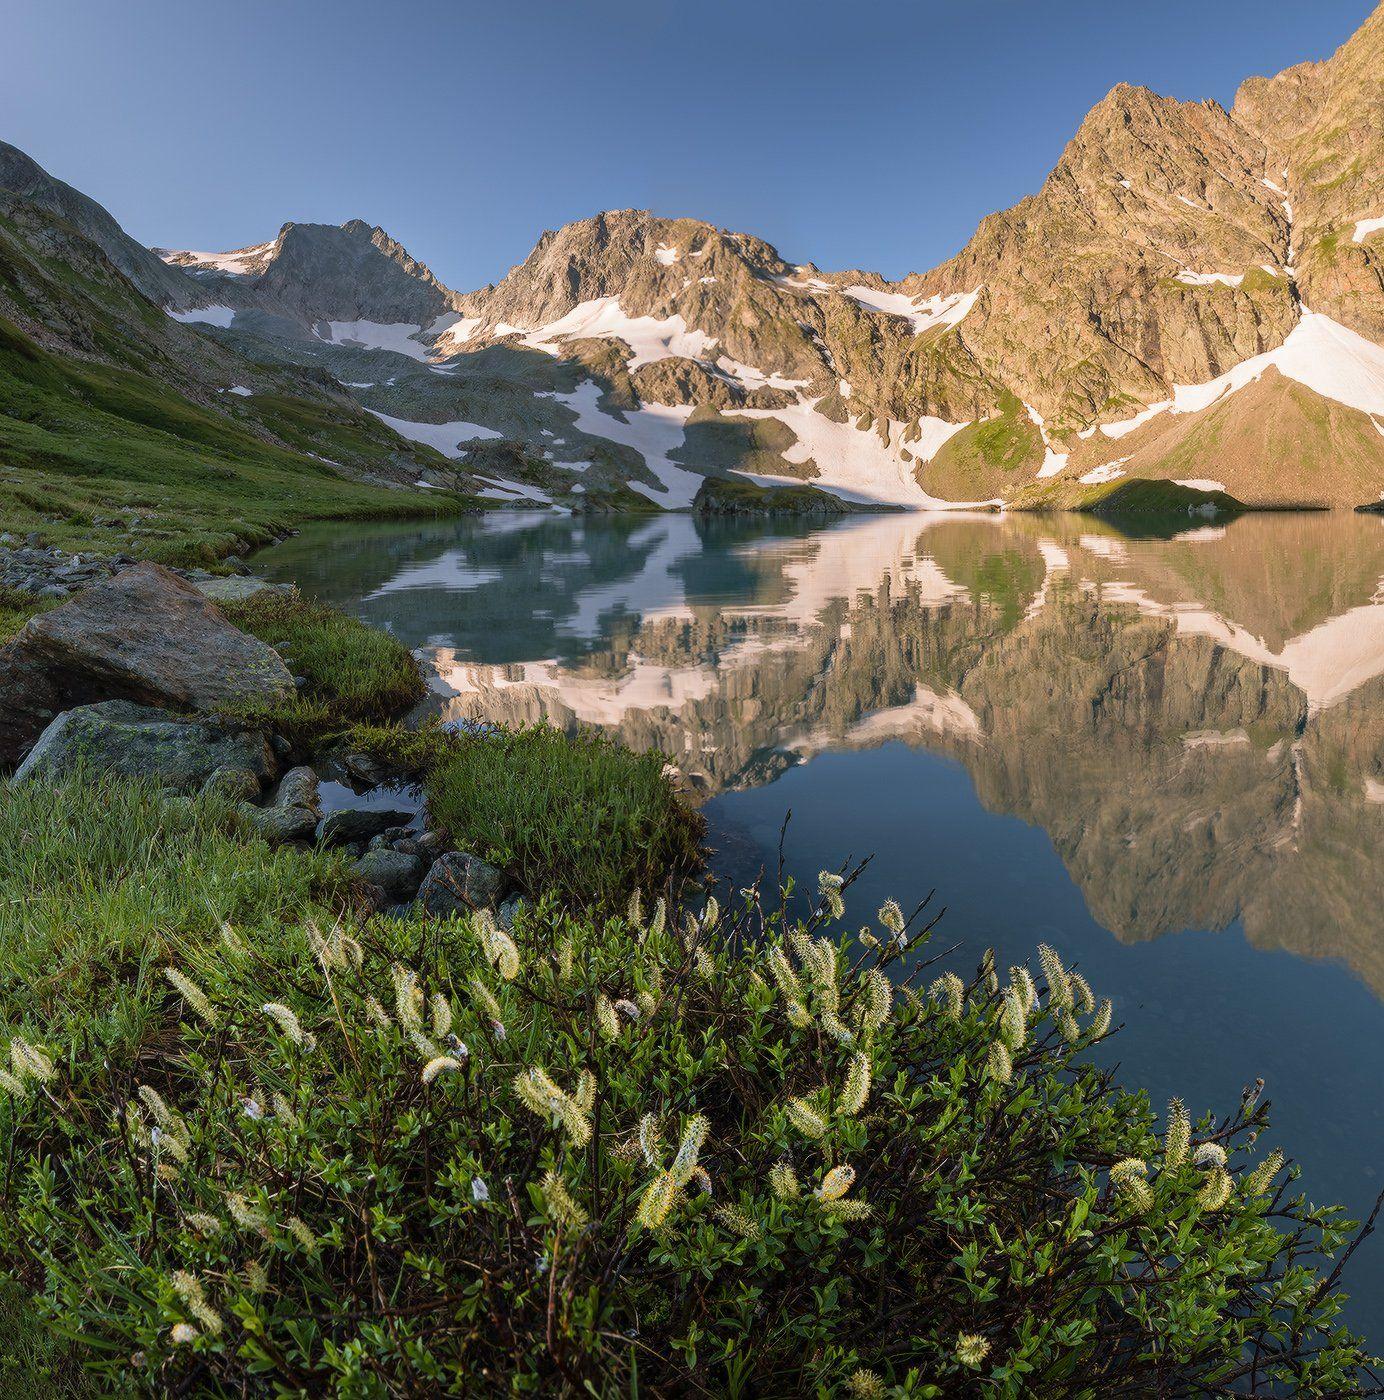 северный кавказ имеретинские озёра июль, Николай